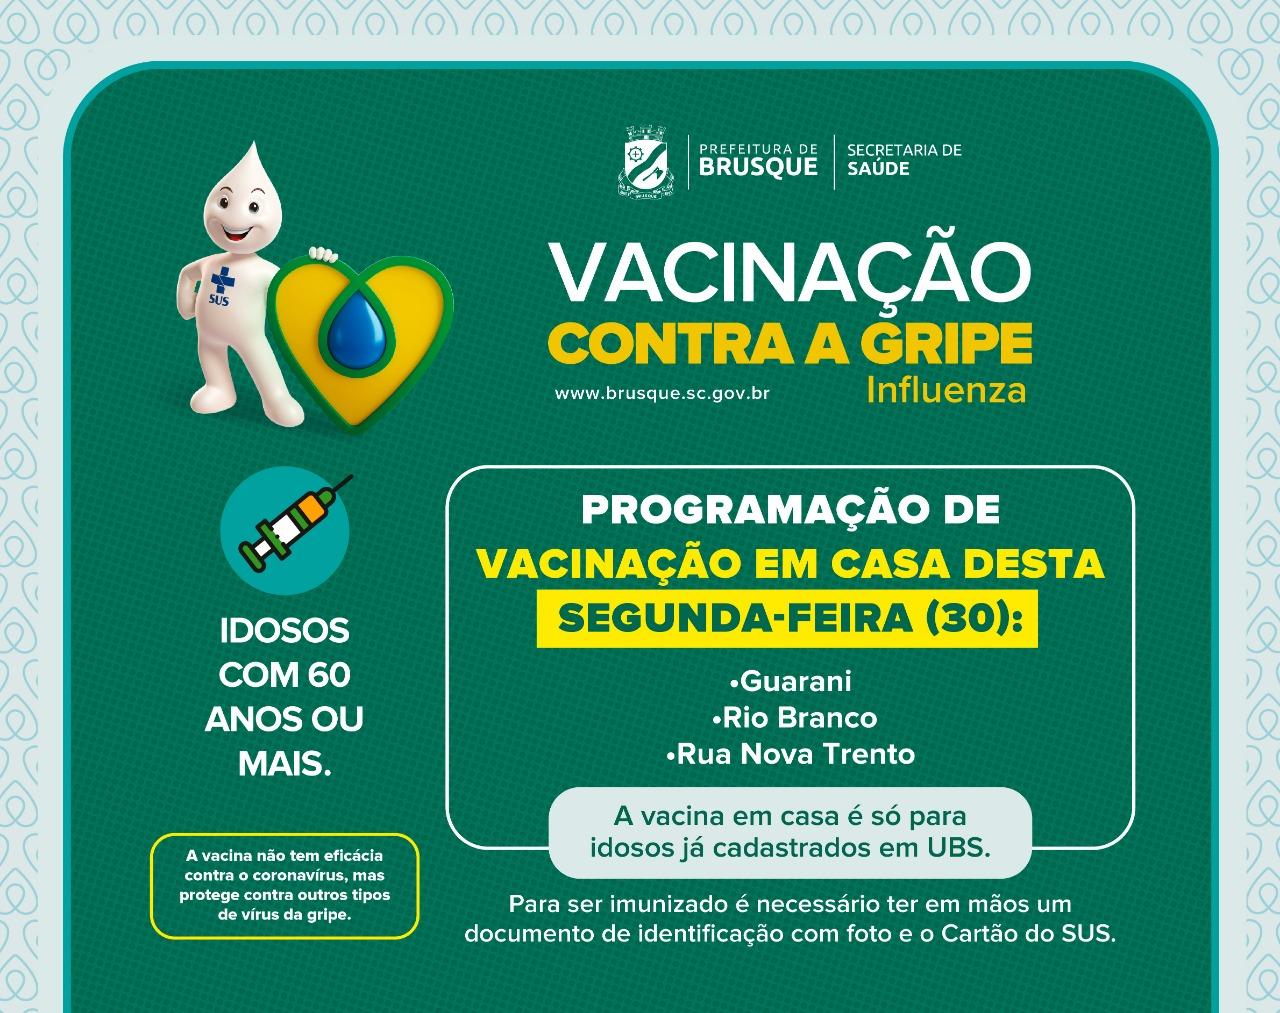 Idosos dos bairros Guarani, Rio Branco e rua Nova Trento recebem vacina em casa